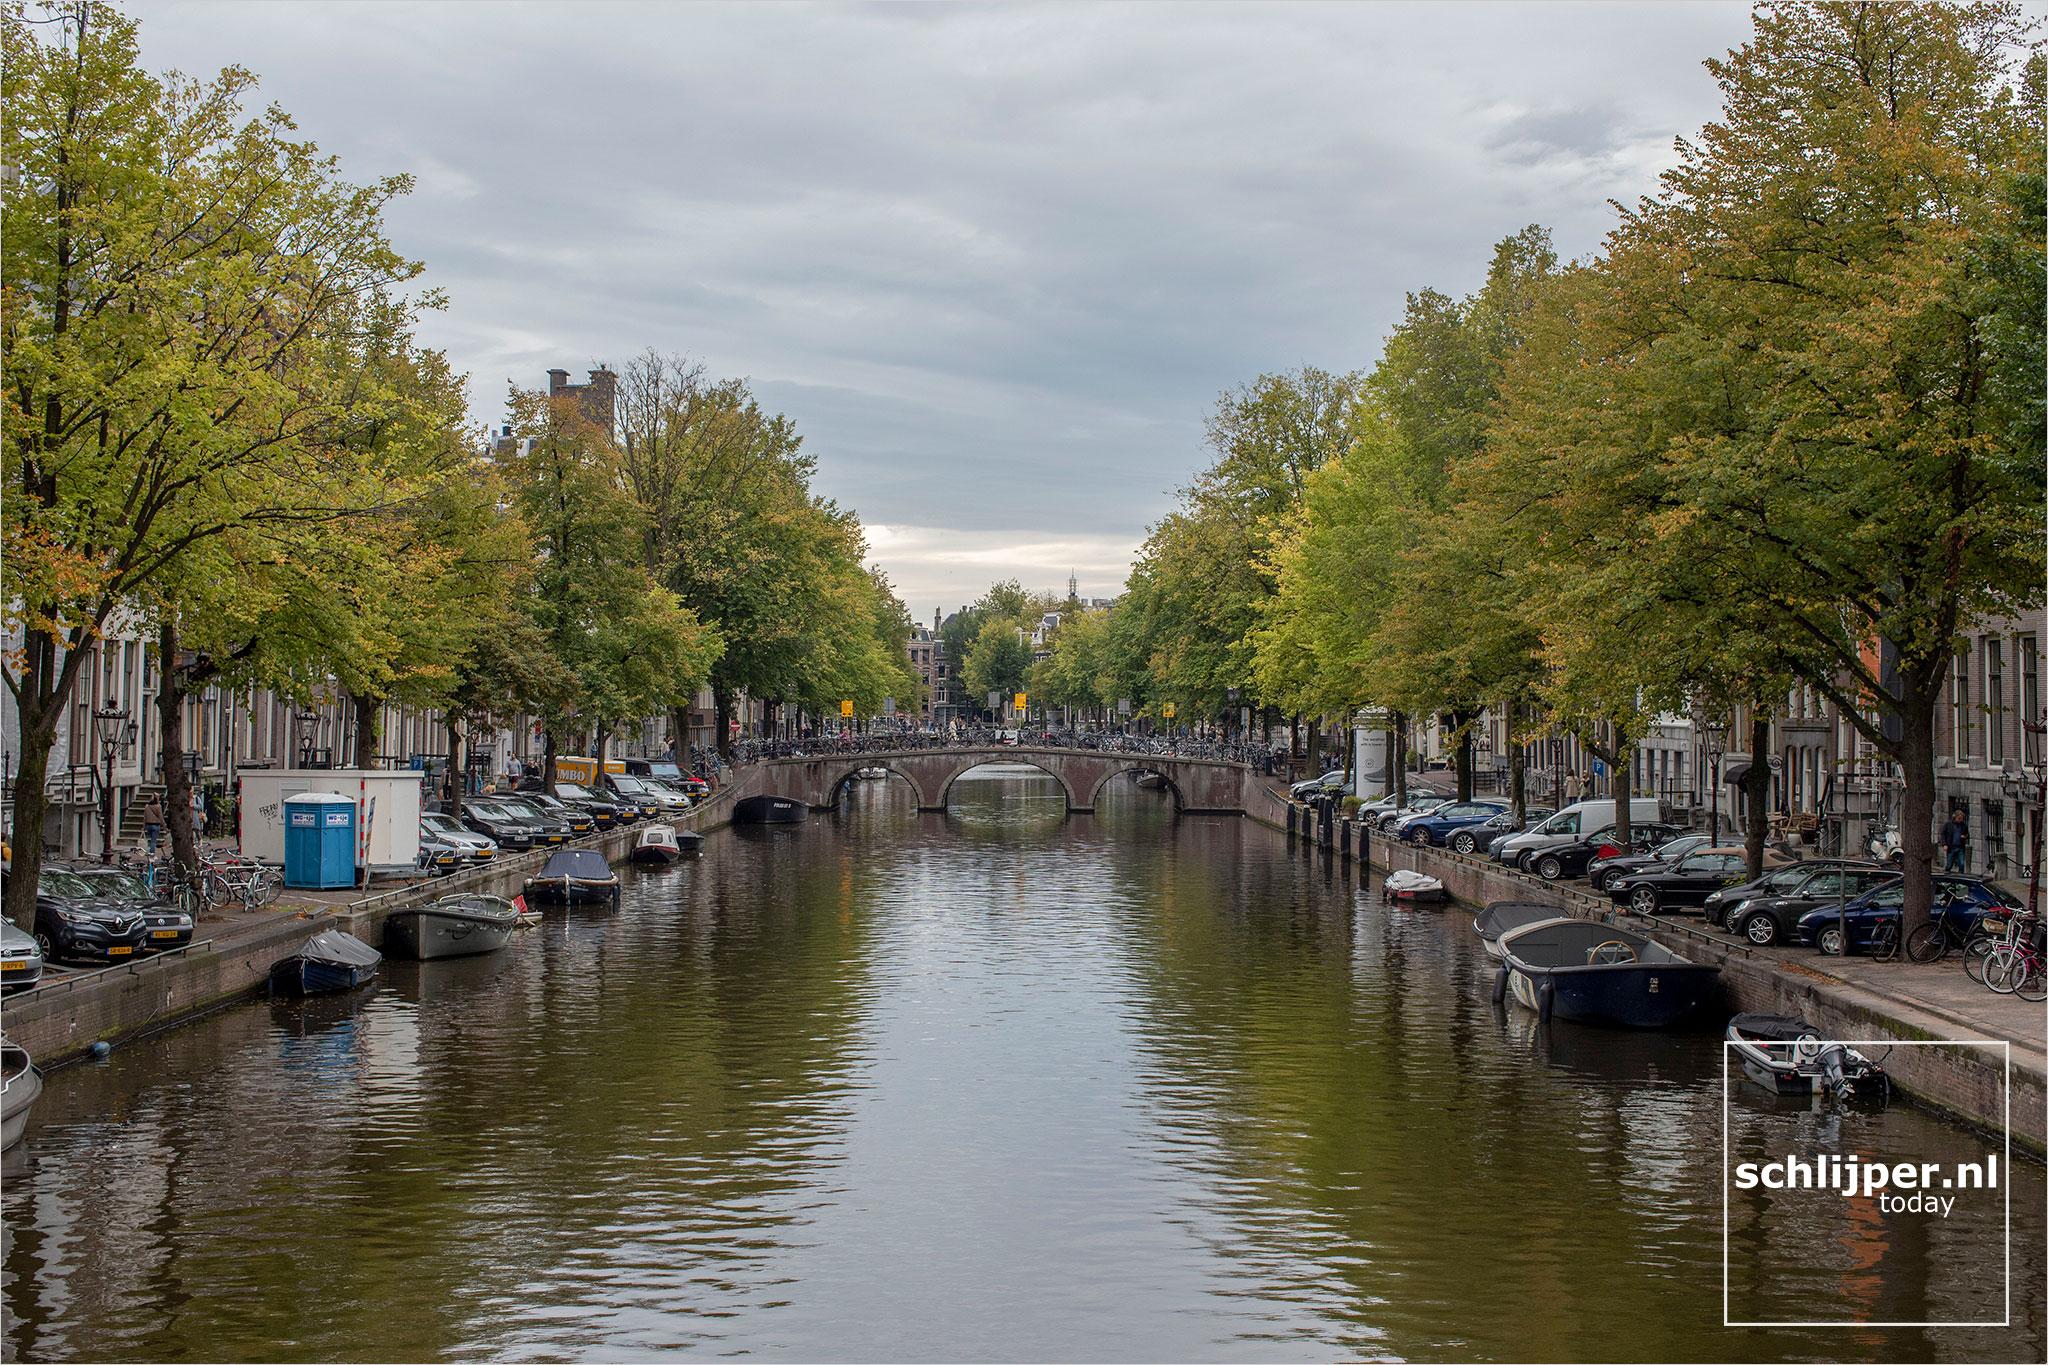 Nederland, Amsterdam, 27 september 2020